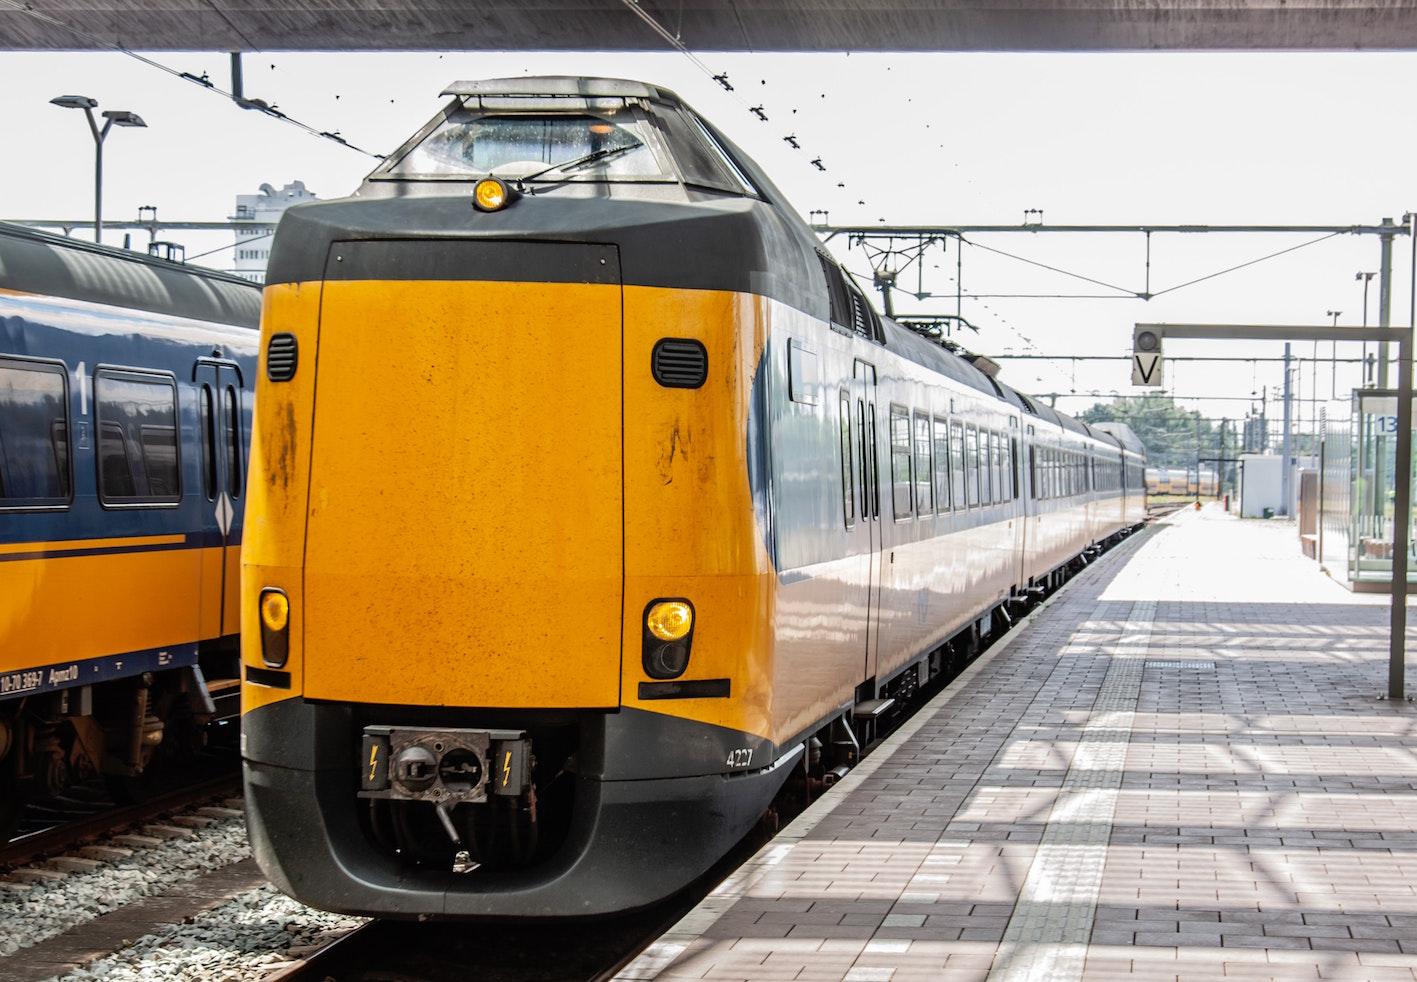 gratis reizen met de trein